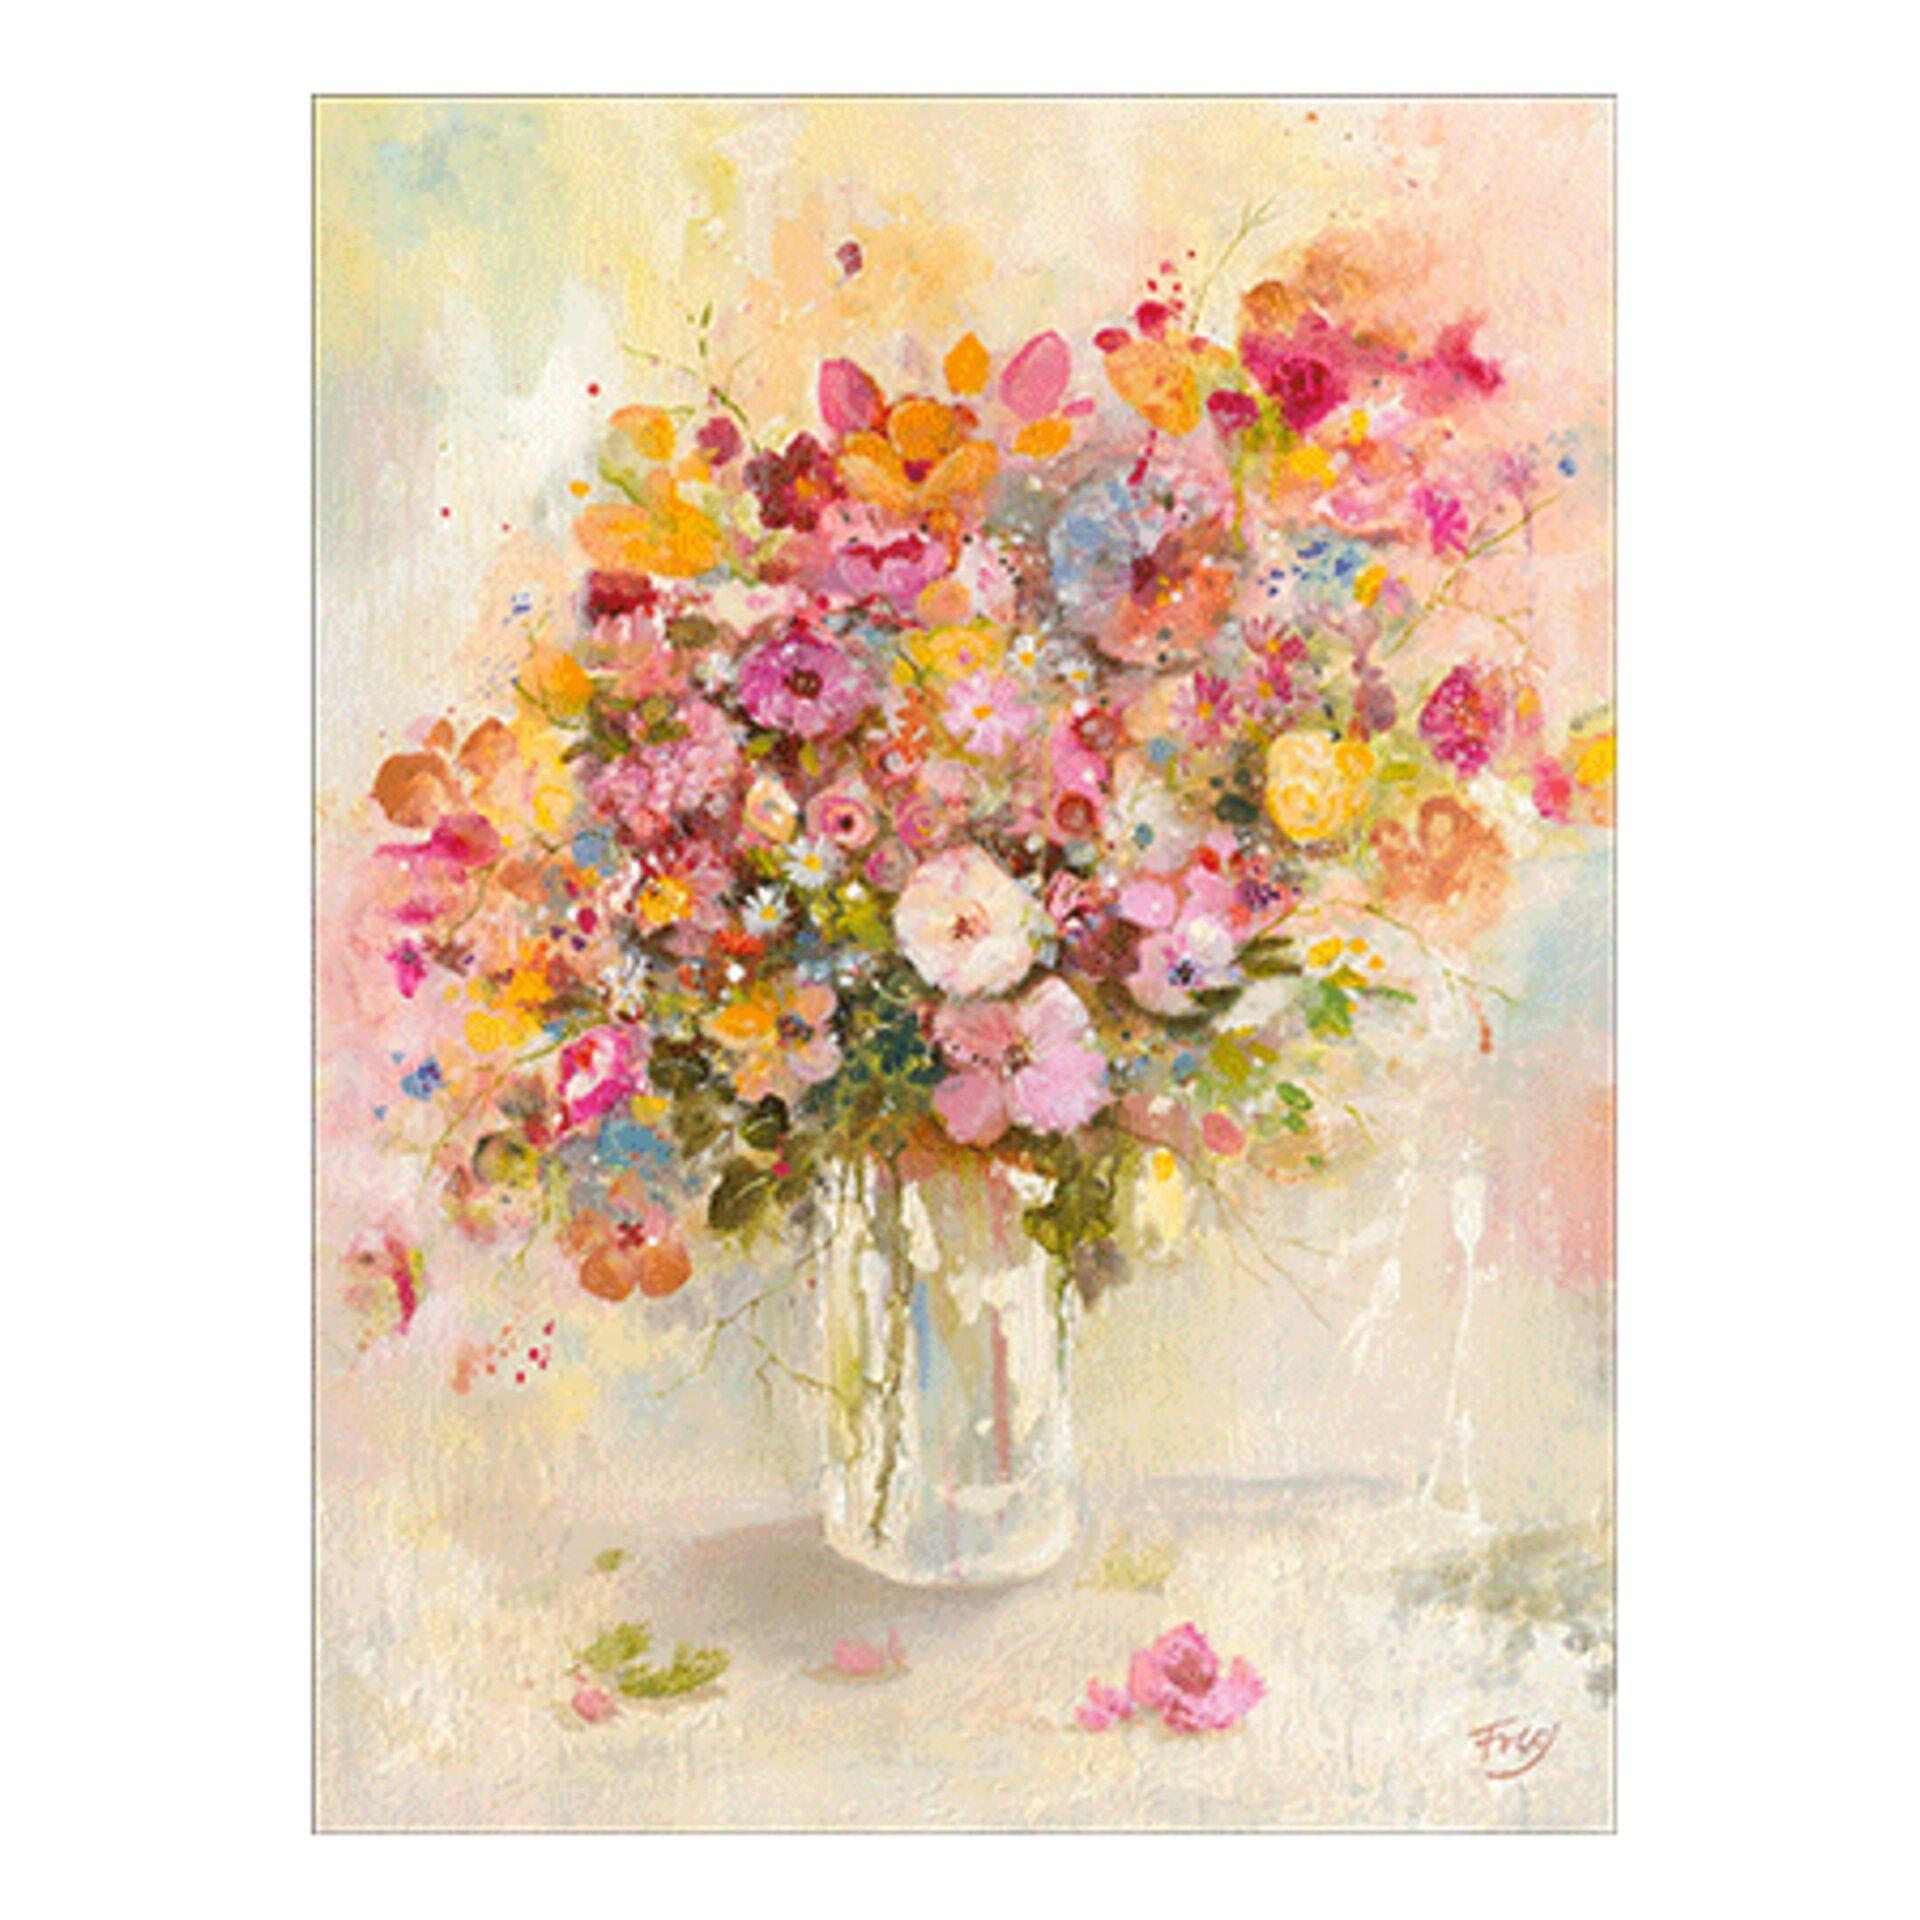 Gemaltes Bild in Pastelltönen zeigt eine Wildblumen-Strauß in einer einfachen Glas Vase